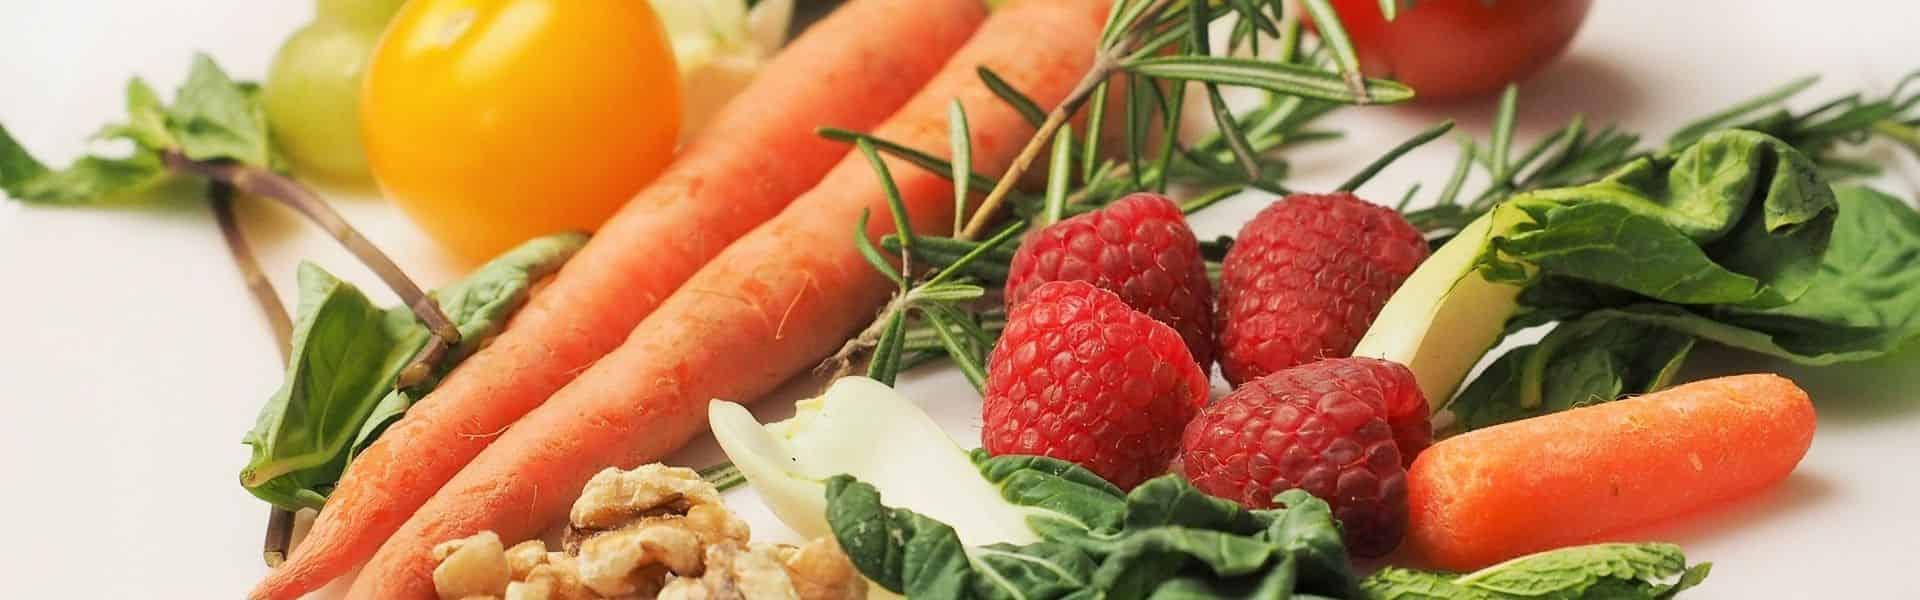 Vegetarian Baby Food